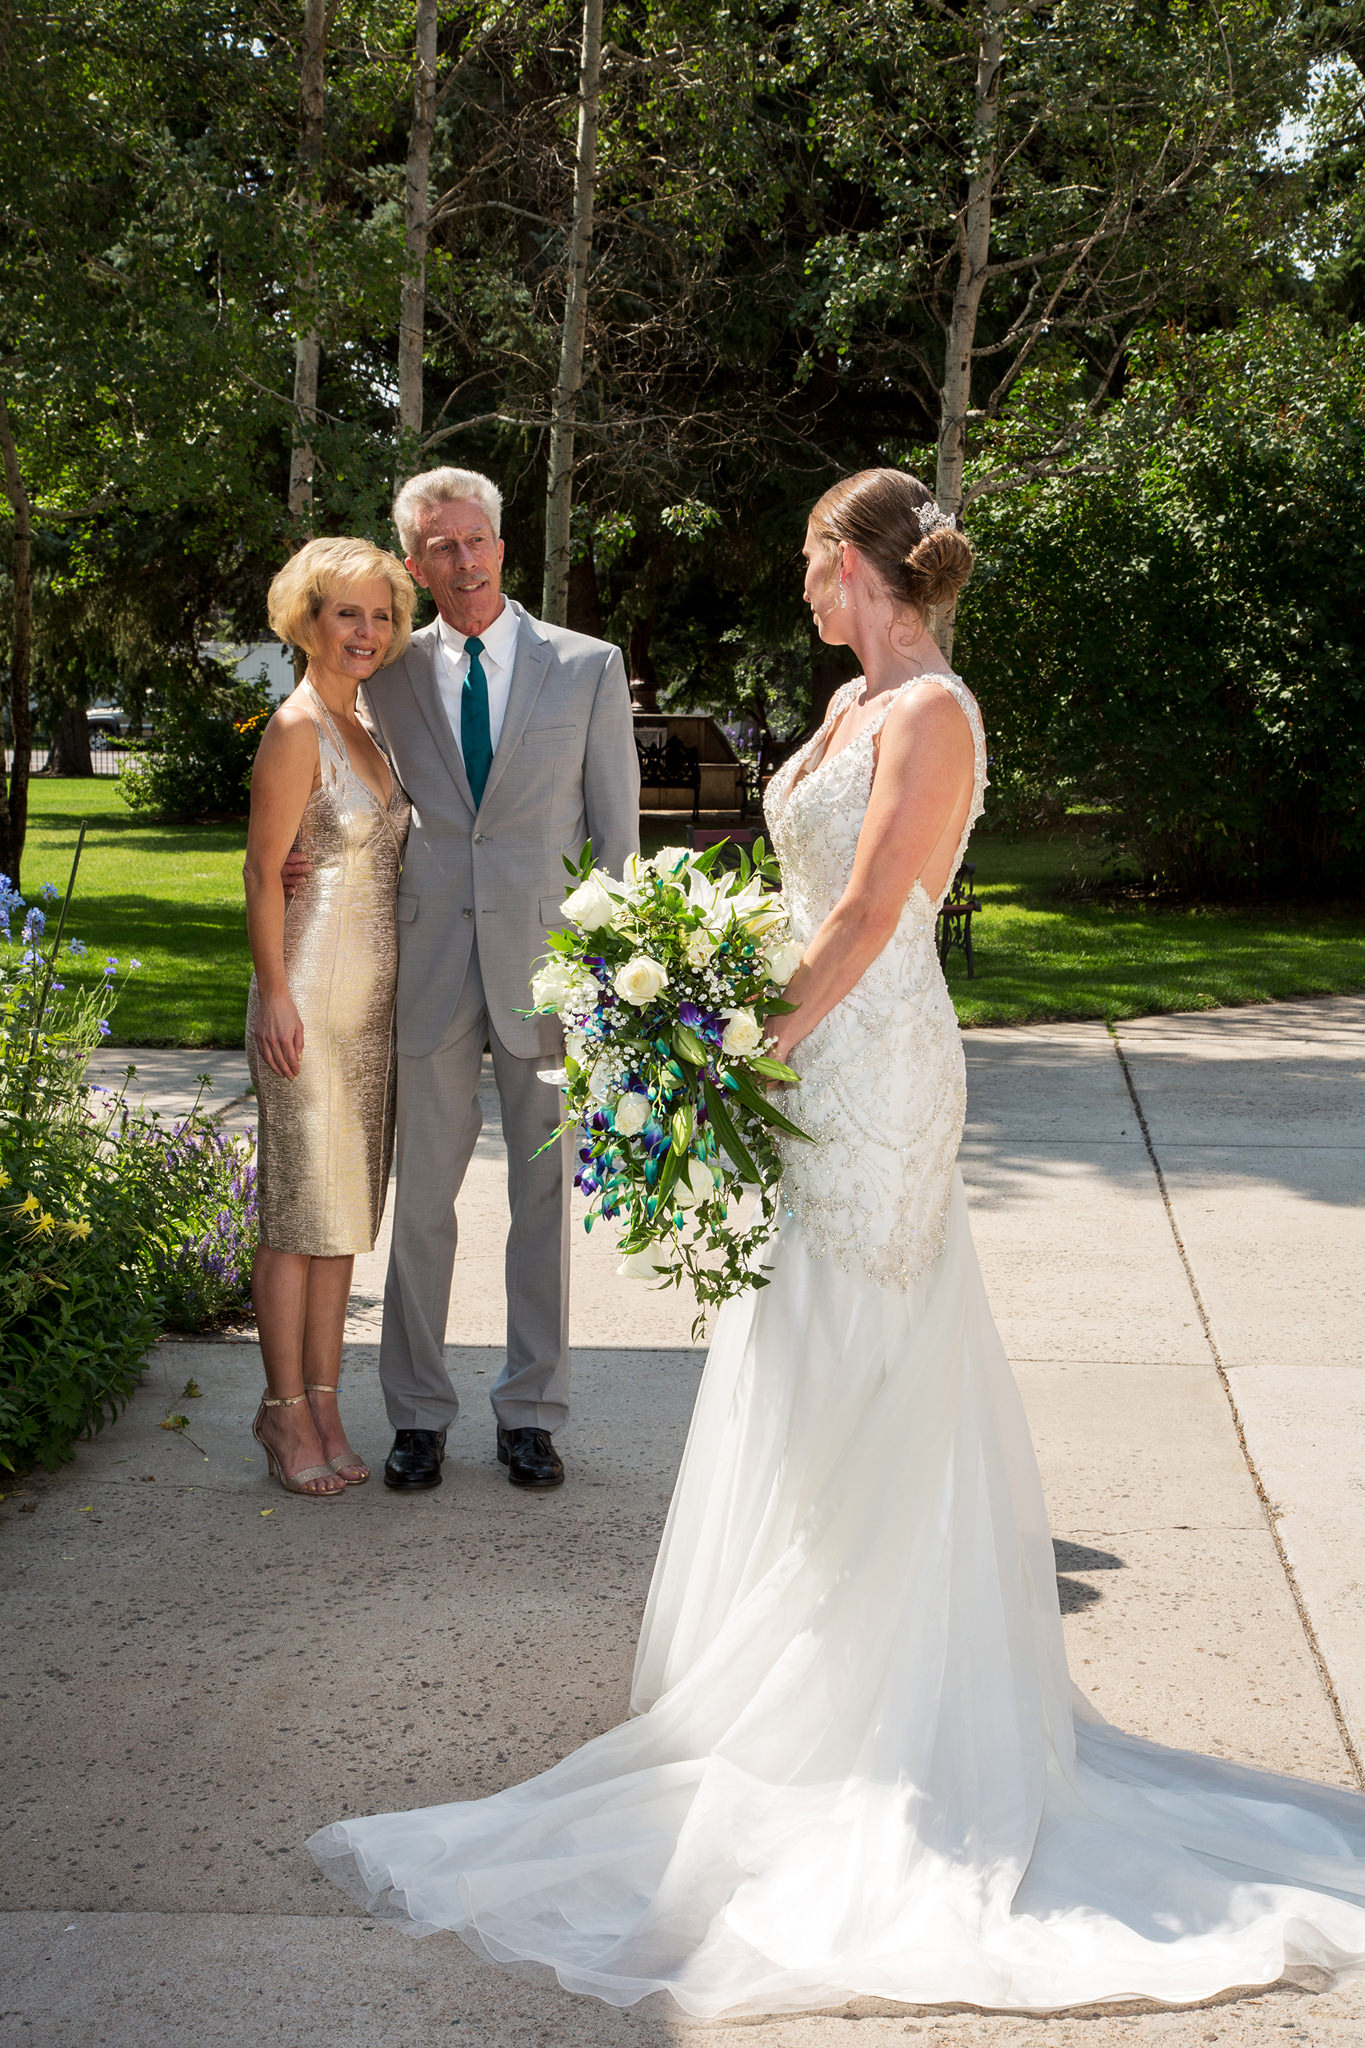 marchese_wedding_046 copy